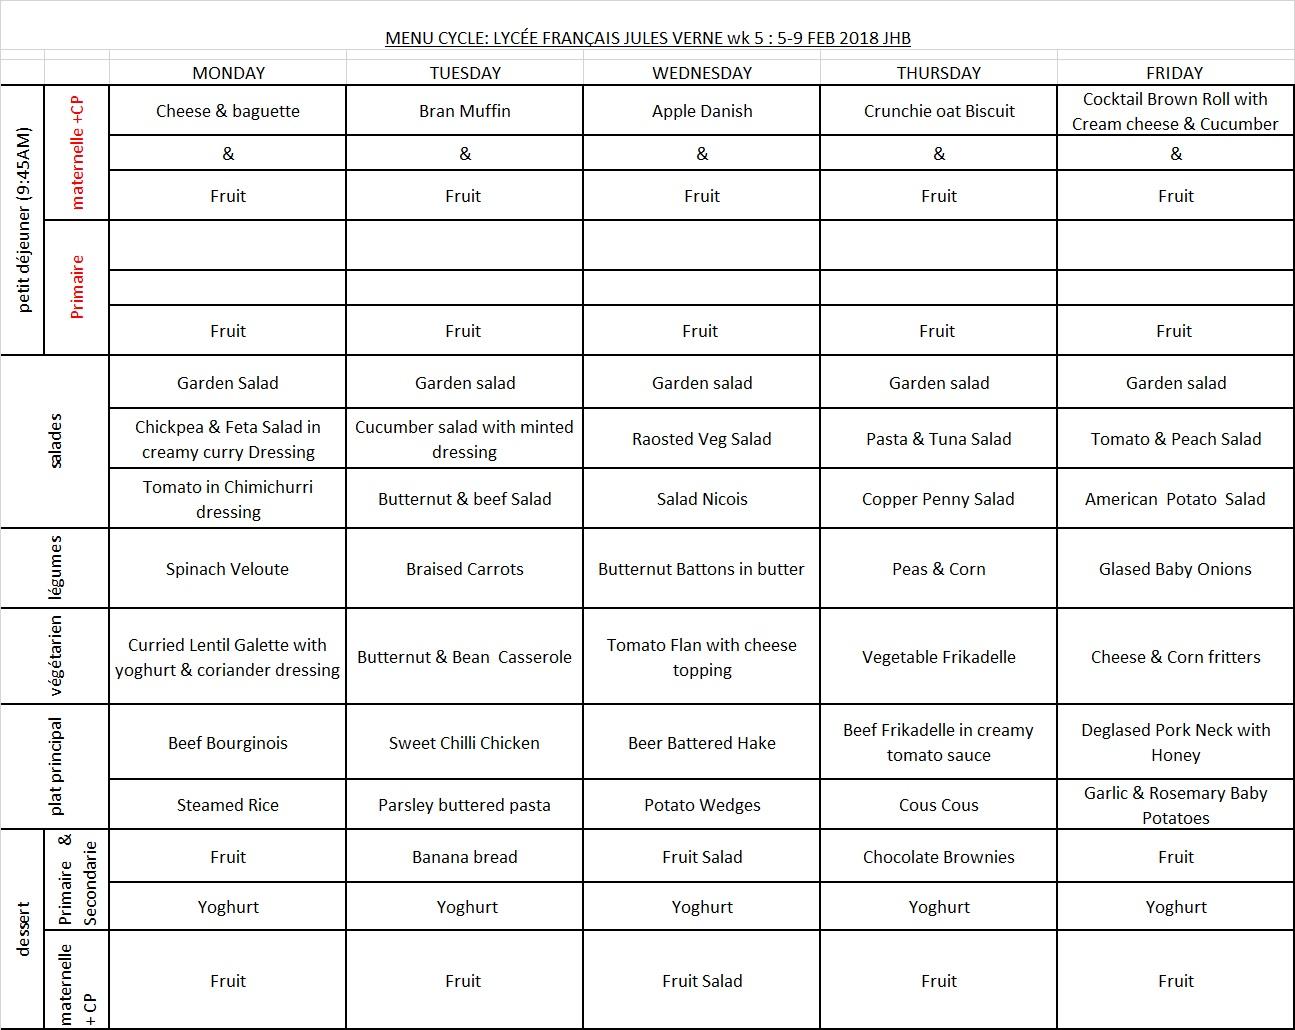 MENU WK5 5-9 FEB 2018